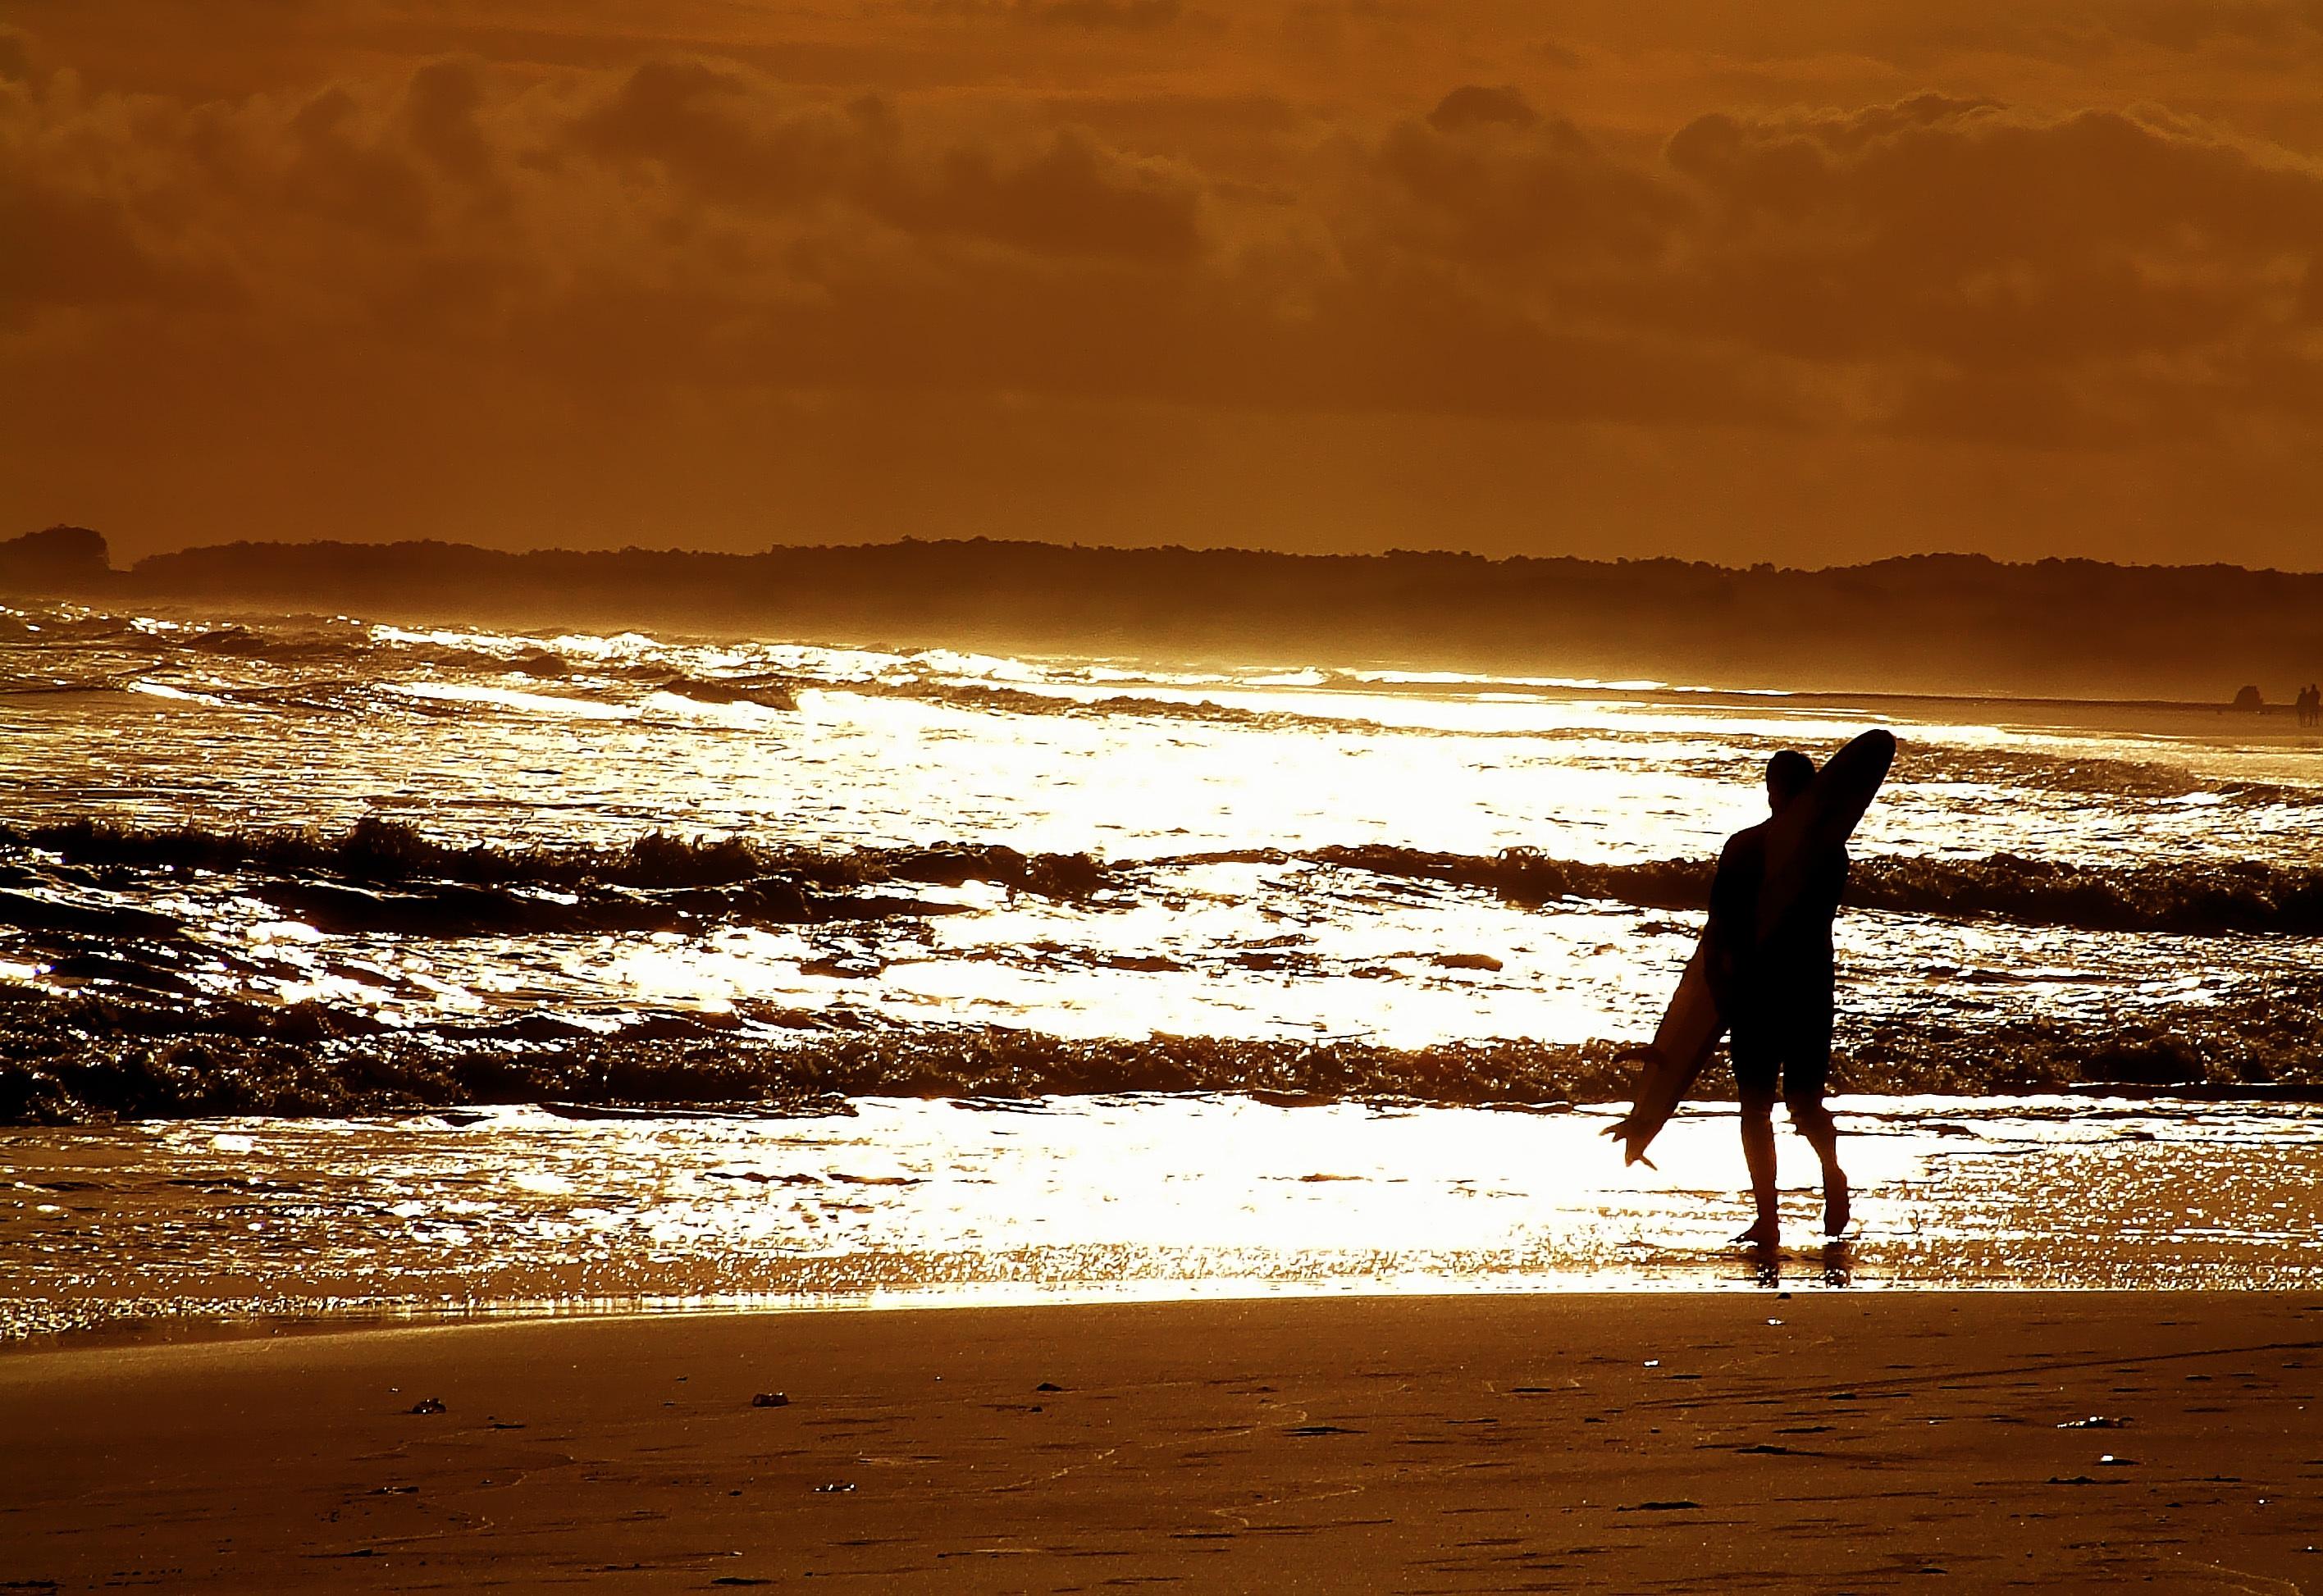 картинка ждет на берегу моря уитни заключила более